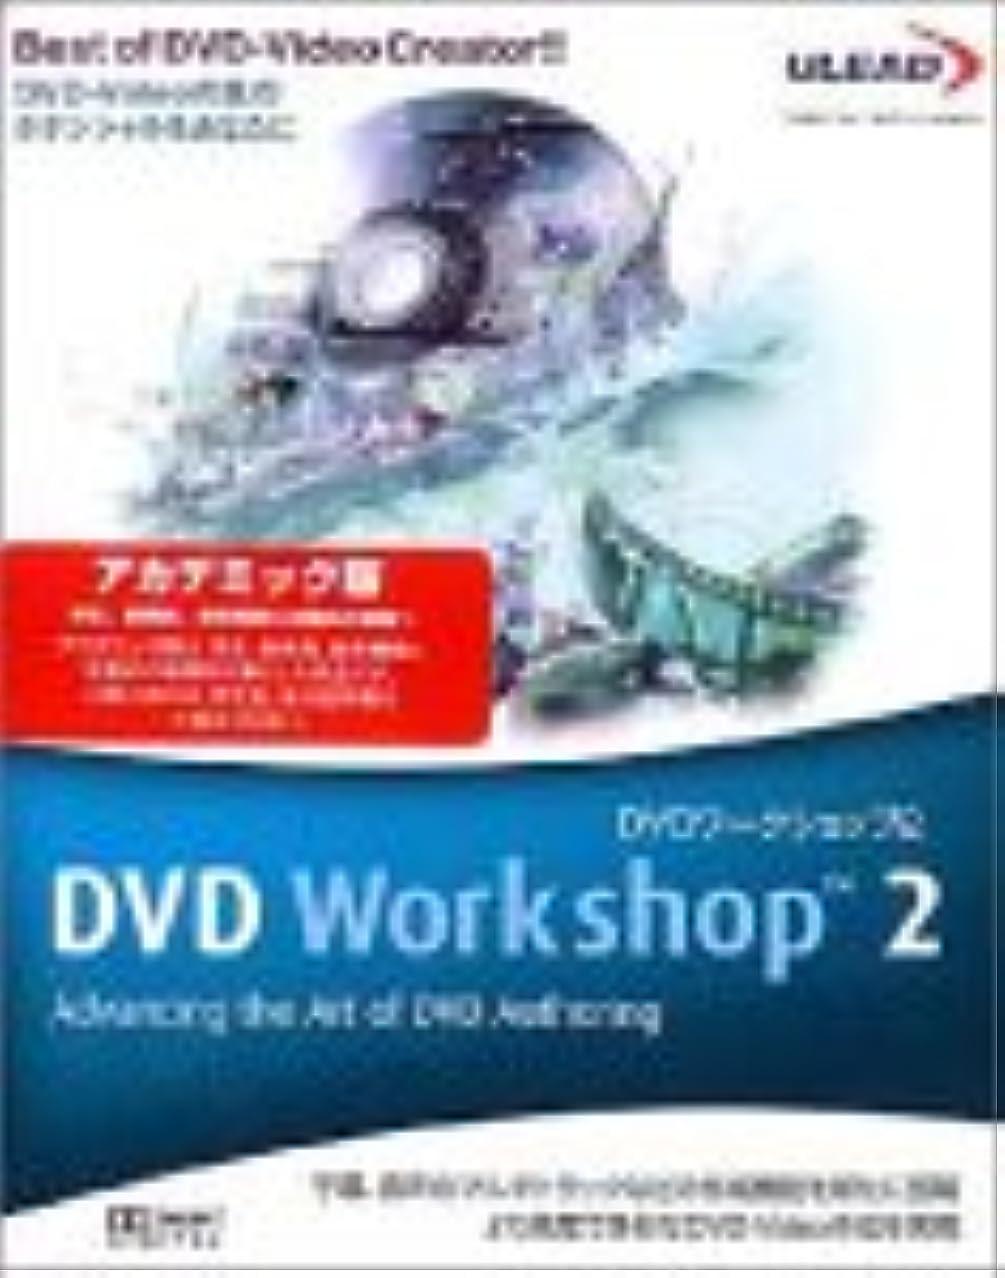 私たち自身提供汗Ulead DVD Workshop 2 アカデミック版